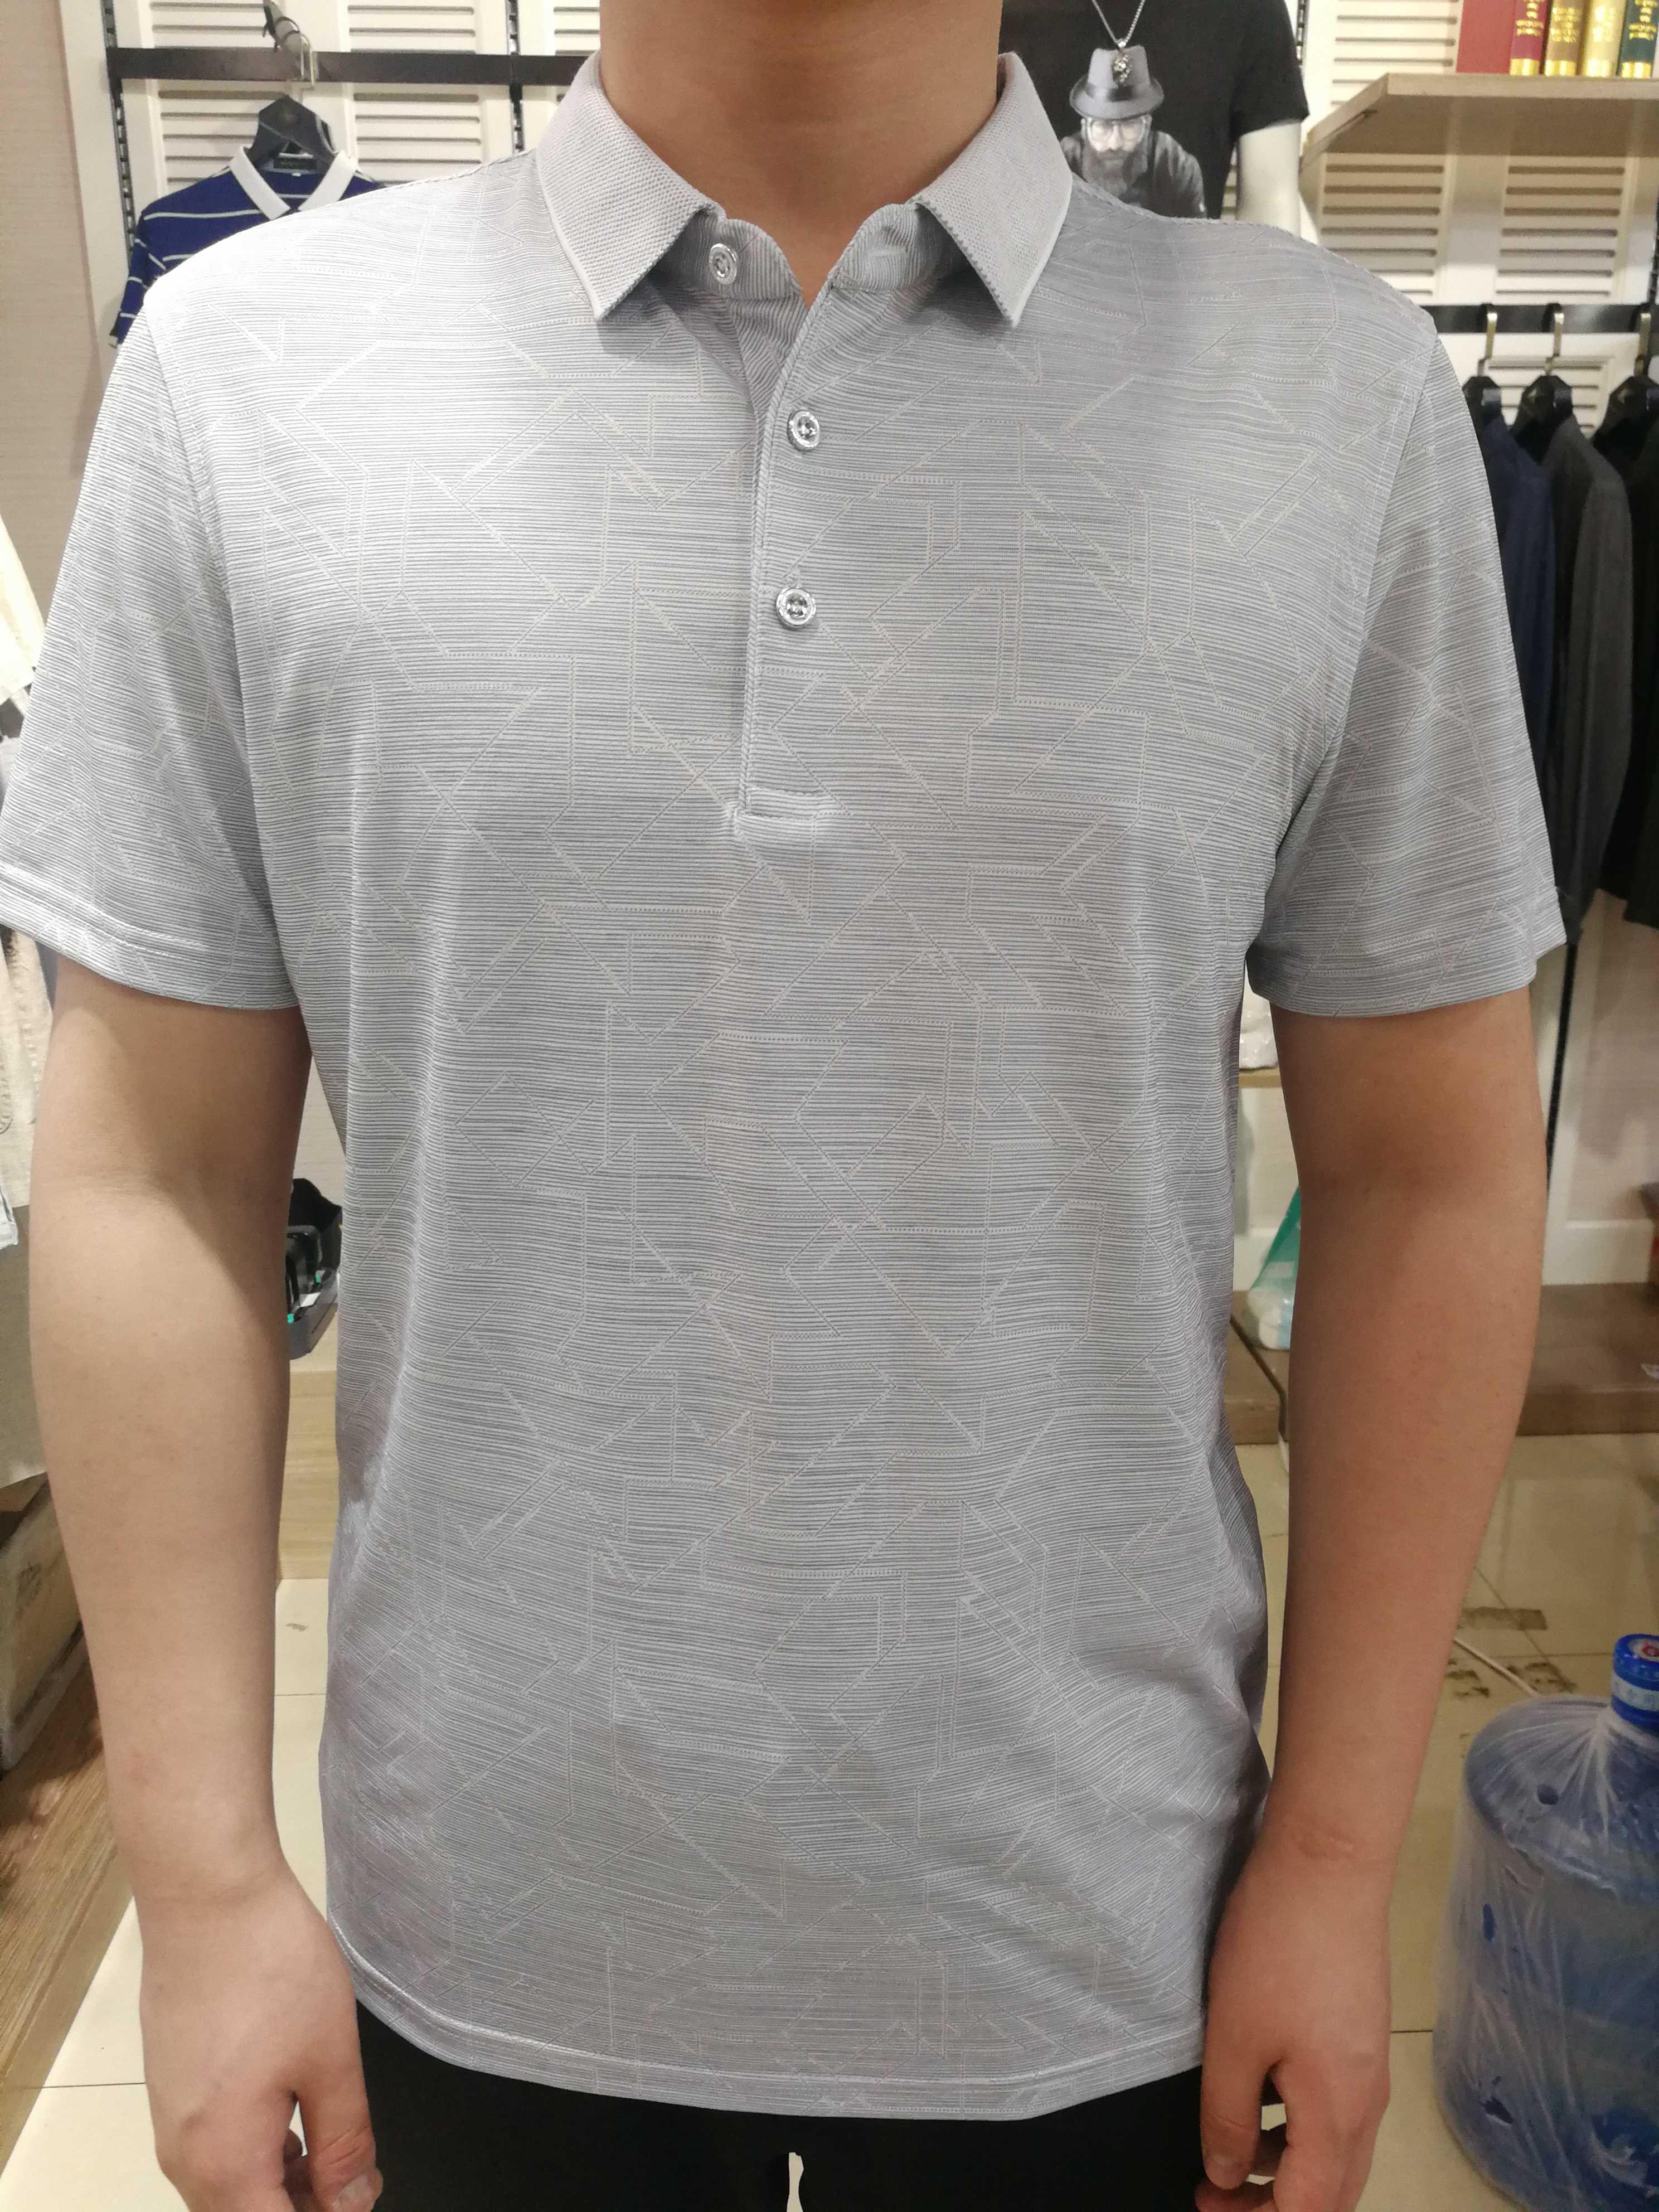 夏季新款翻领短袖T恤豪威堡商务休闲男装中老年爸衣服滑溜溜面料